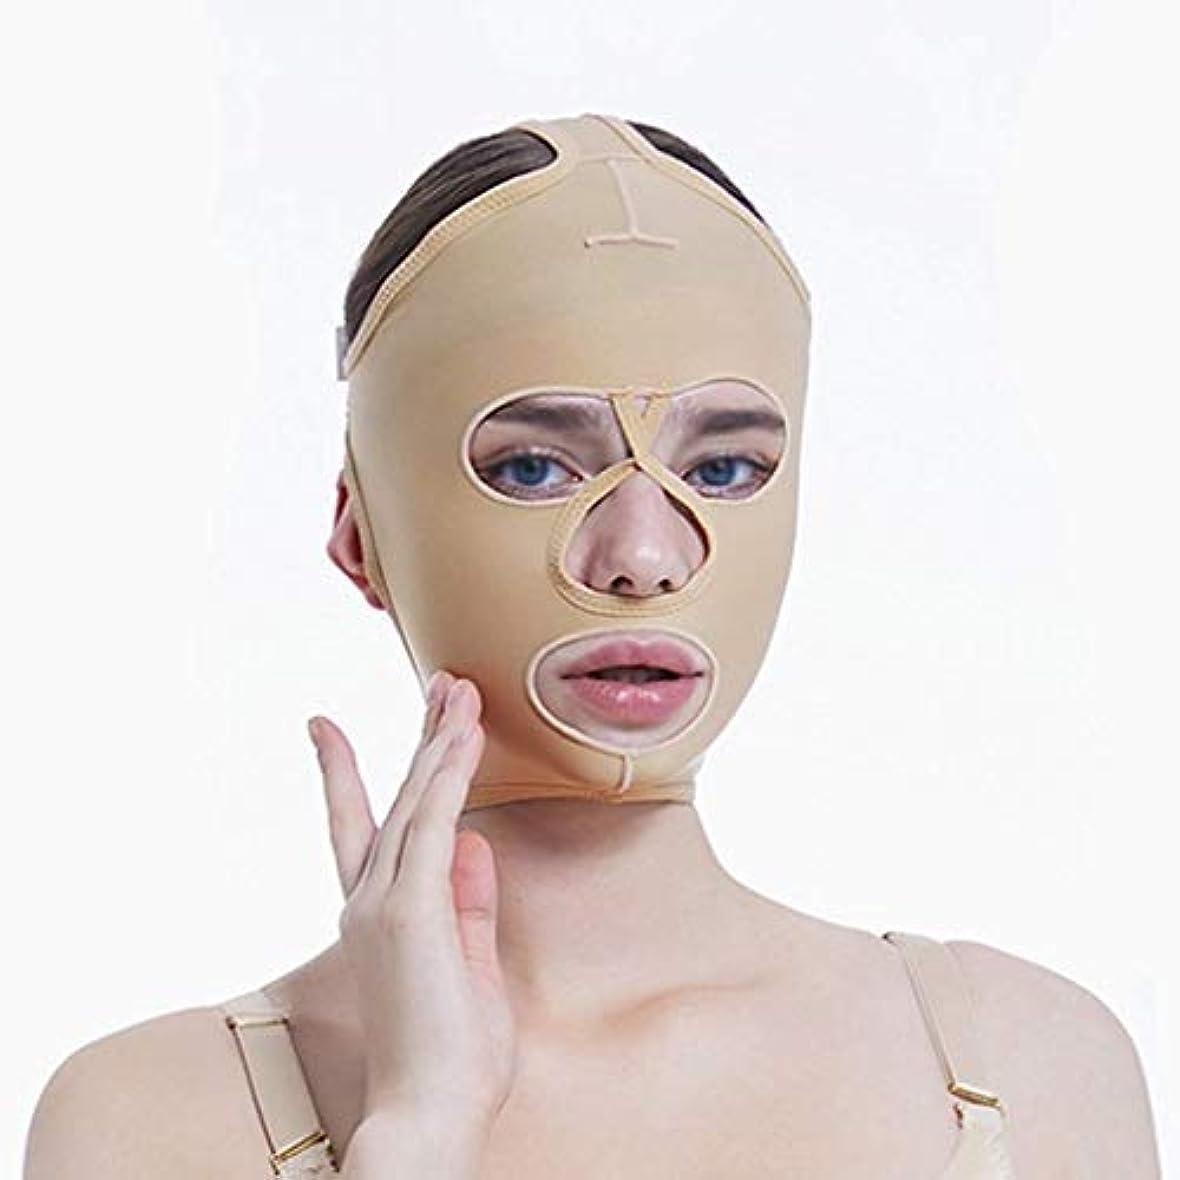 特徴づける尊敬欠陥HUYYA ファーミングストラップリフティングフェイスリフティング包帯、フェイスマスク V字ベルト補正ベルト ダブルチンヘルスケアスキンケアチン,Flesh_XX-Large